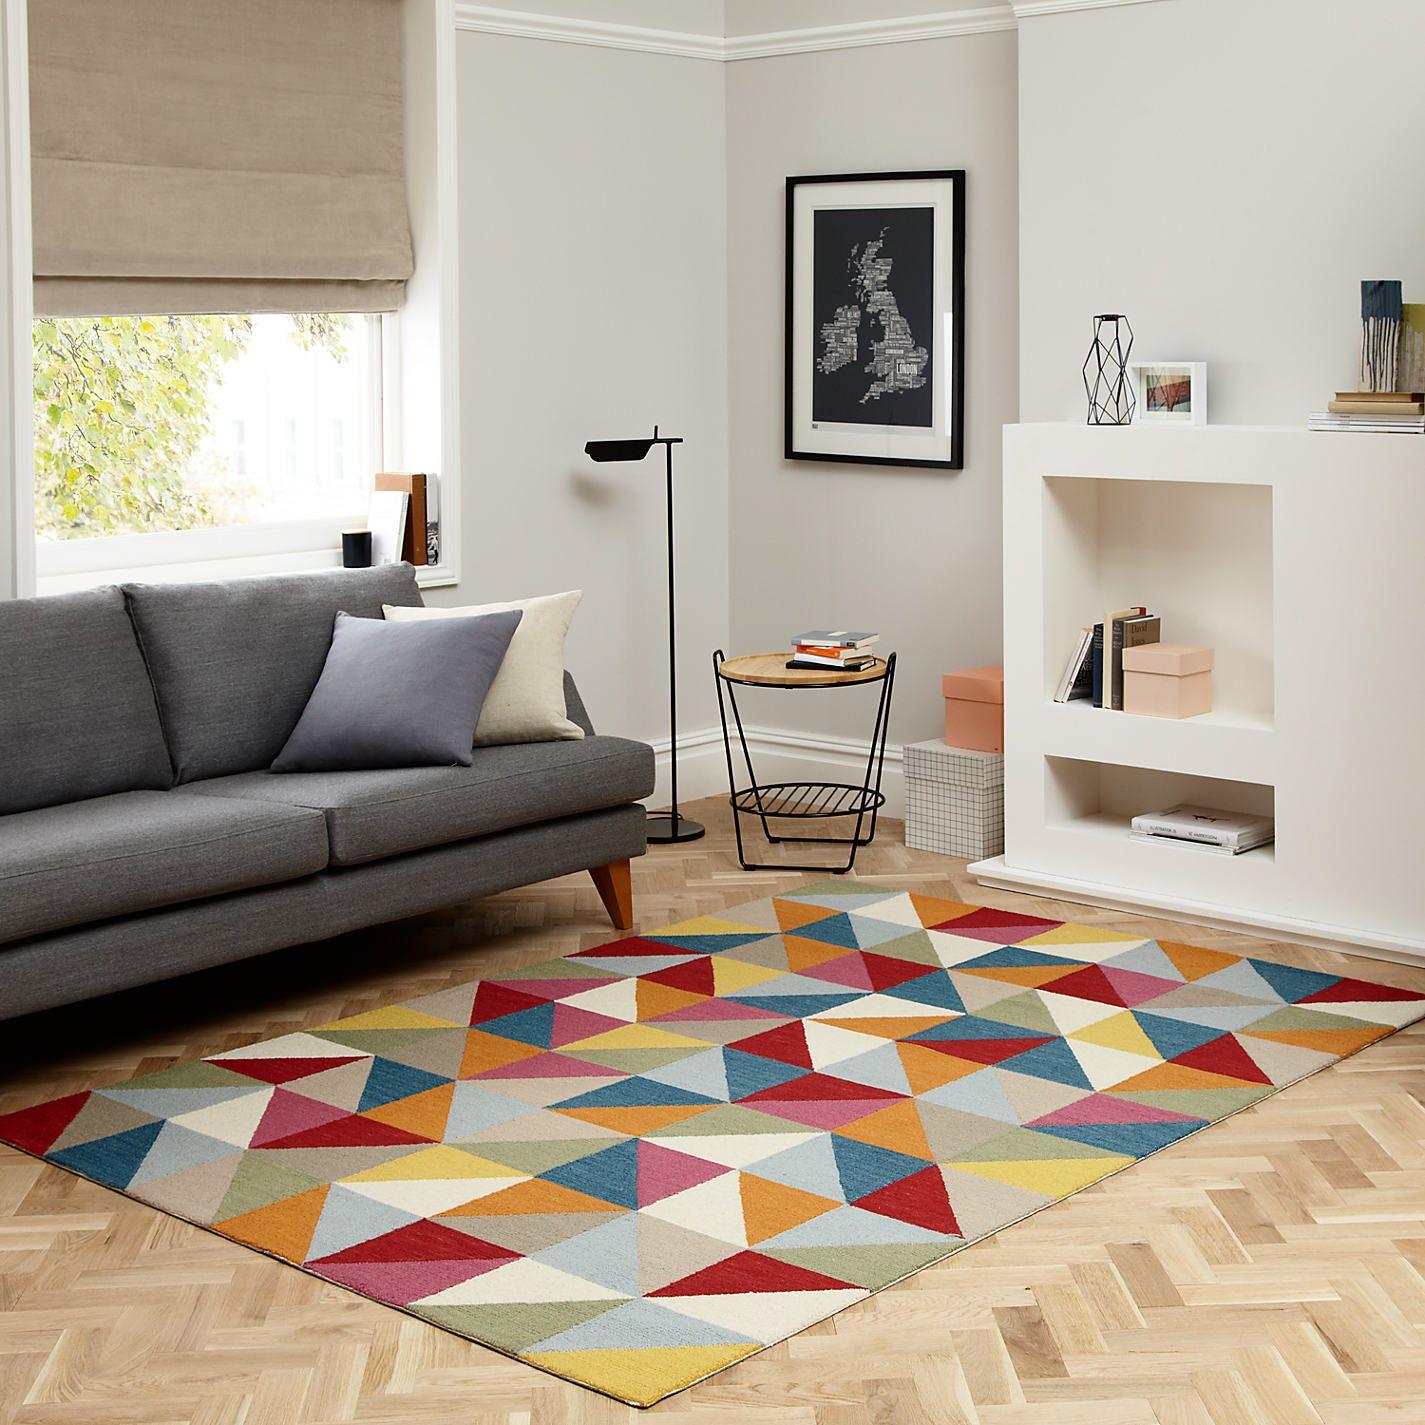 Buy John Lewis Kaleidoscope Rug, Multi | John Lewis | Home ...